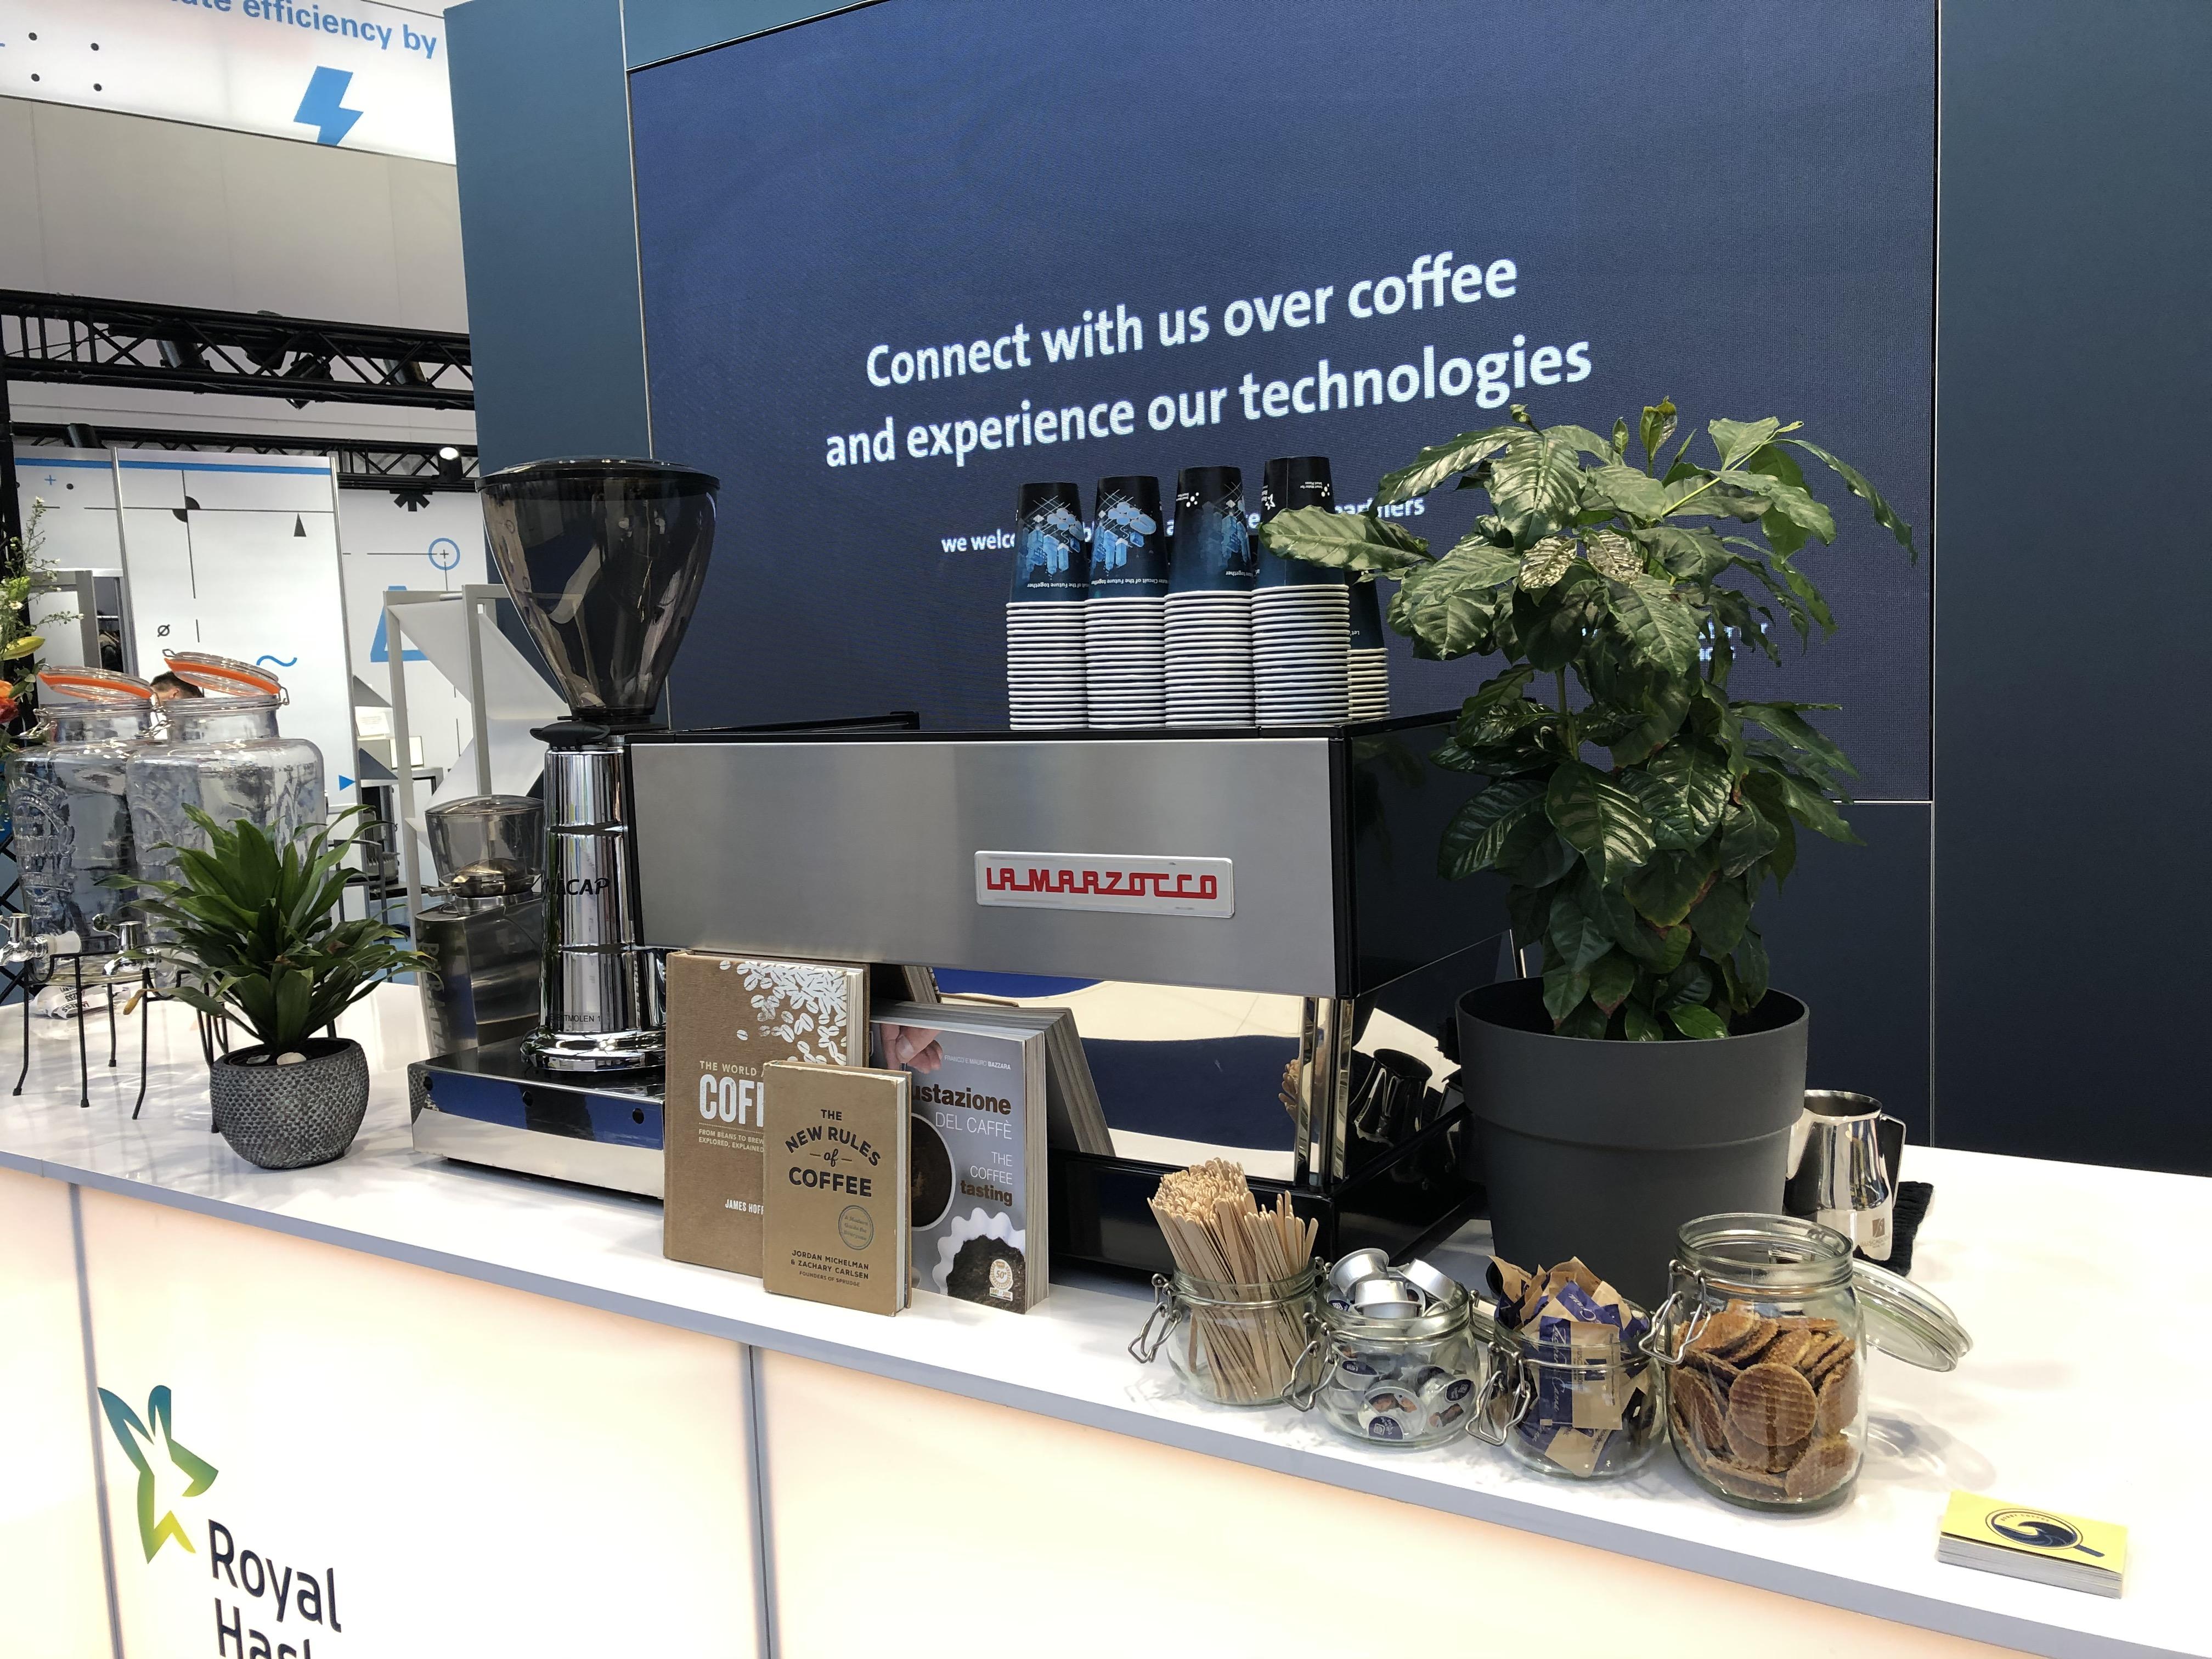 Tuktuk koffiekar huren? Een unieke mobiele koffiebar met barista op locatie